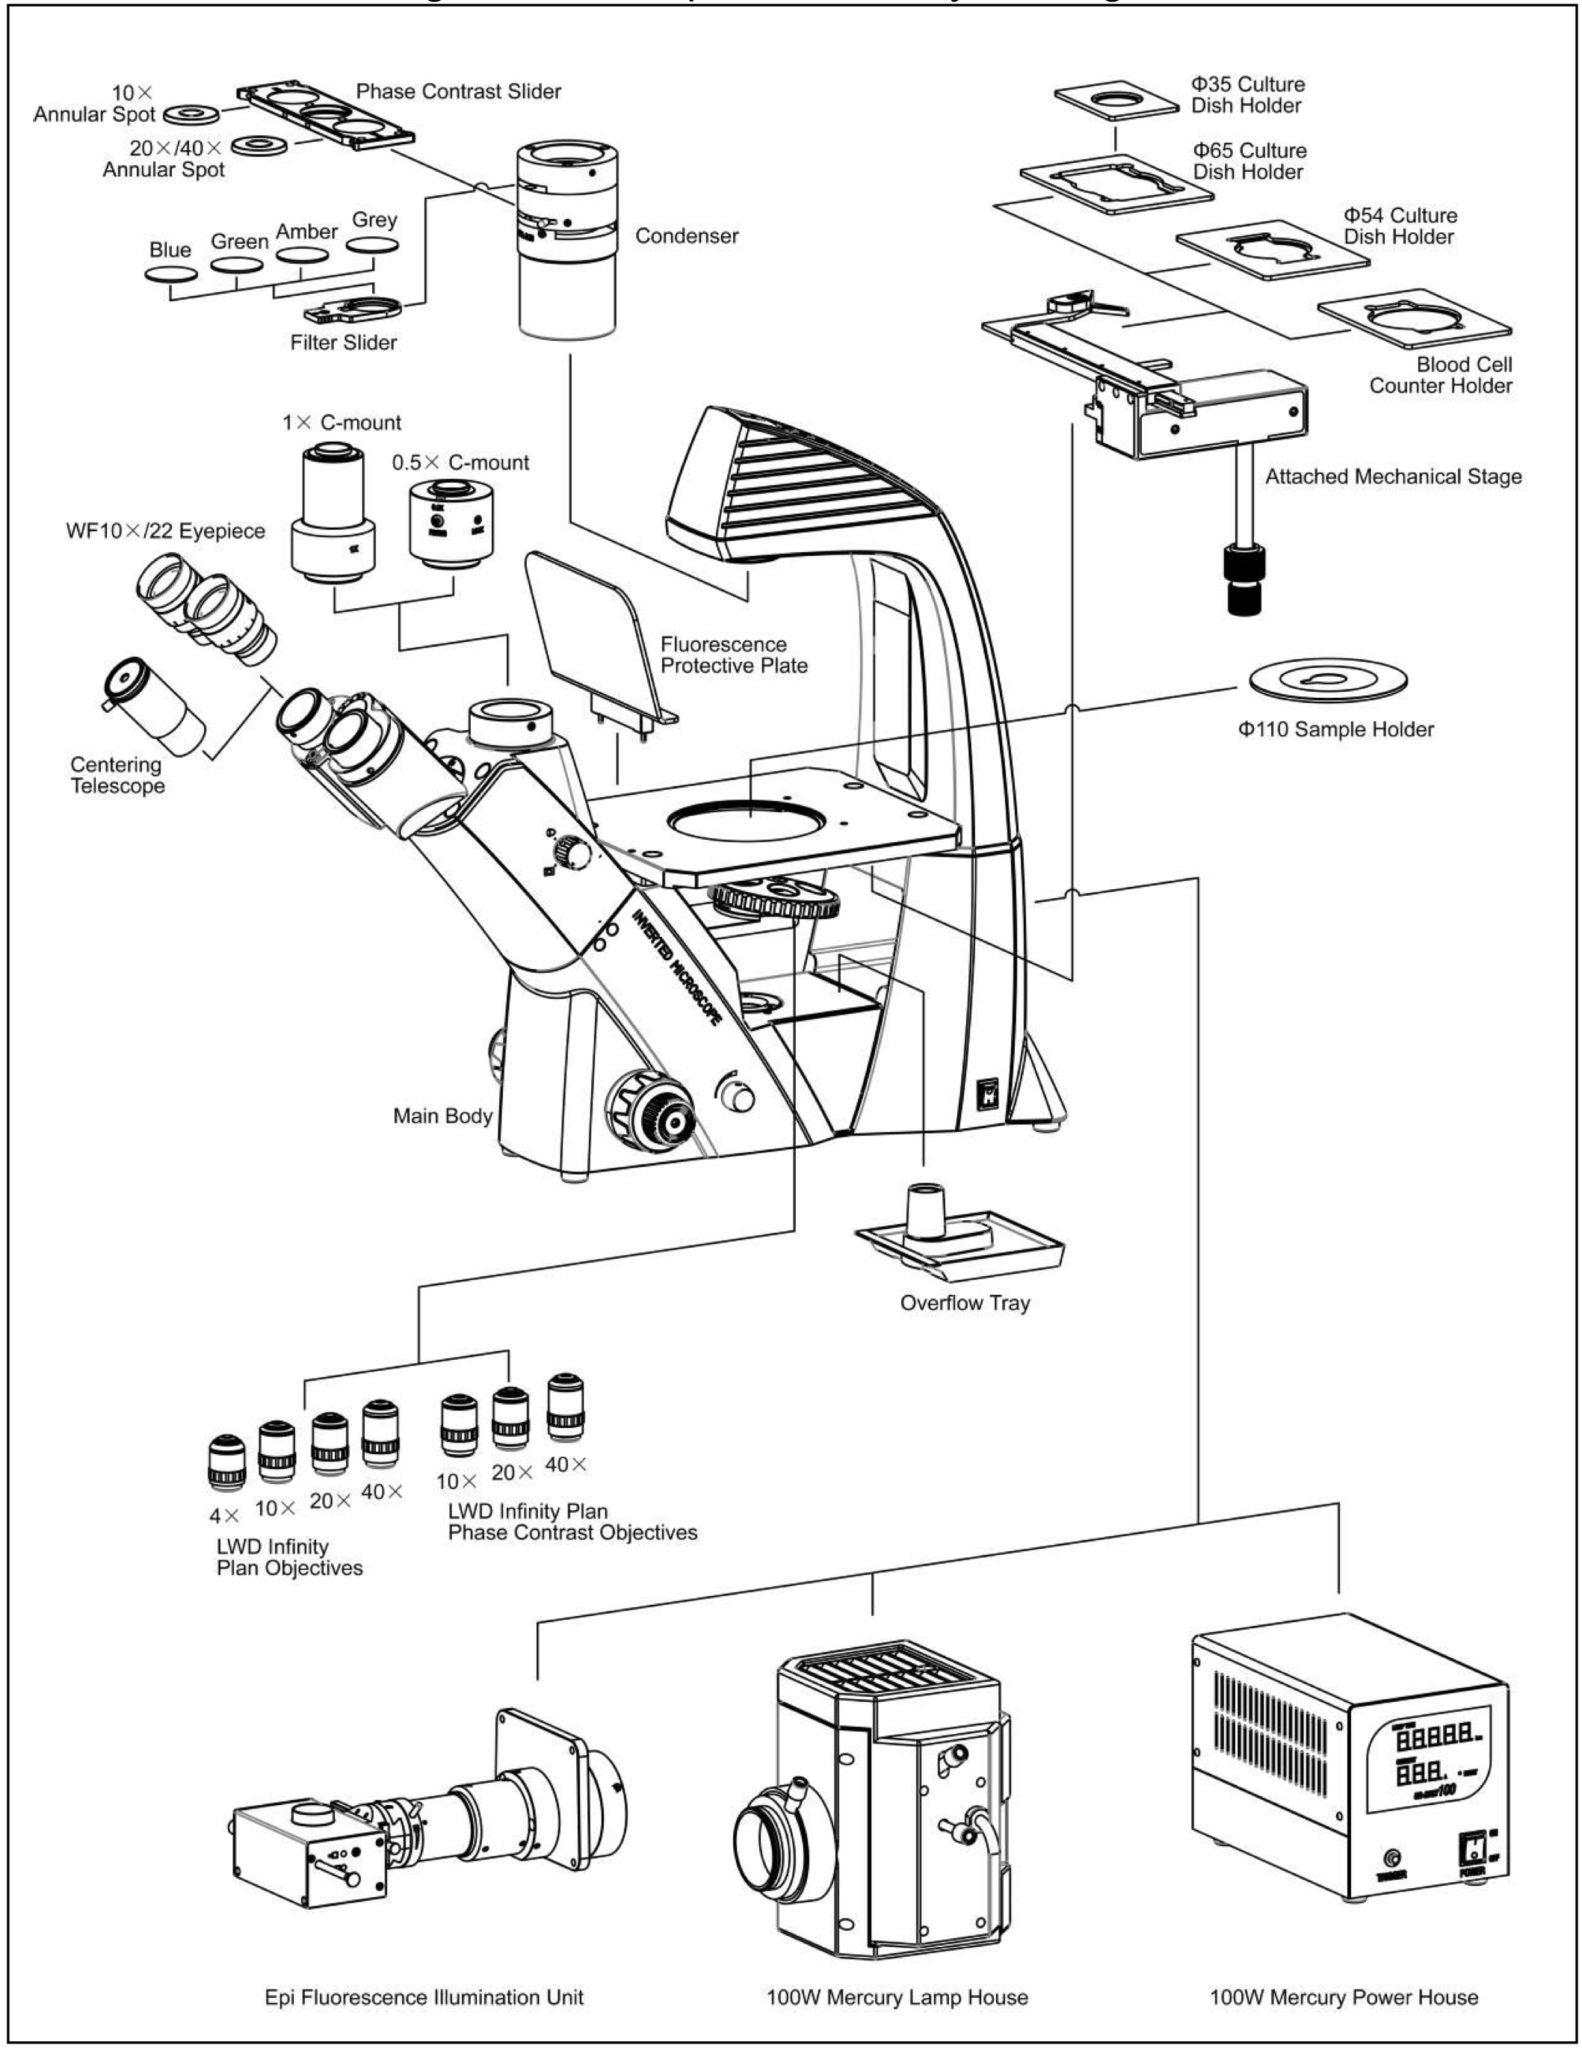 BIM640FL Inverted Biological Microscope